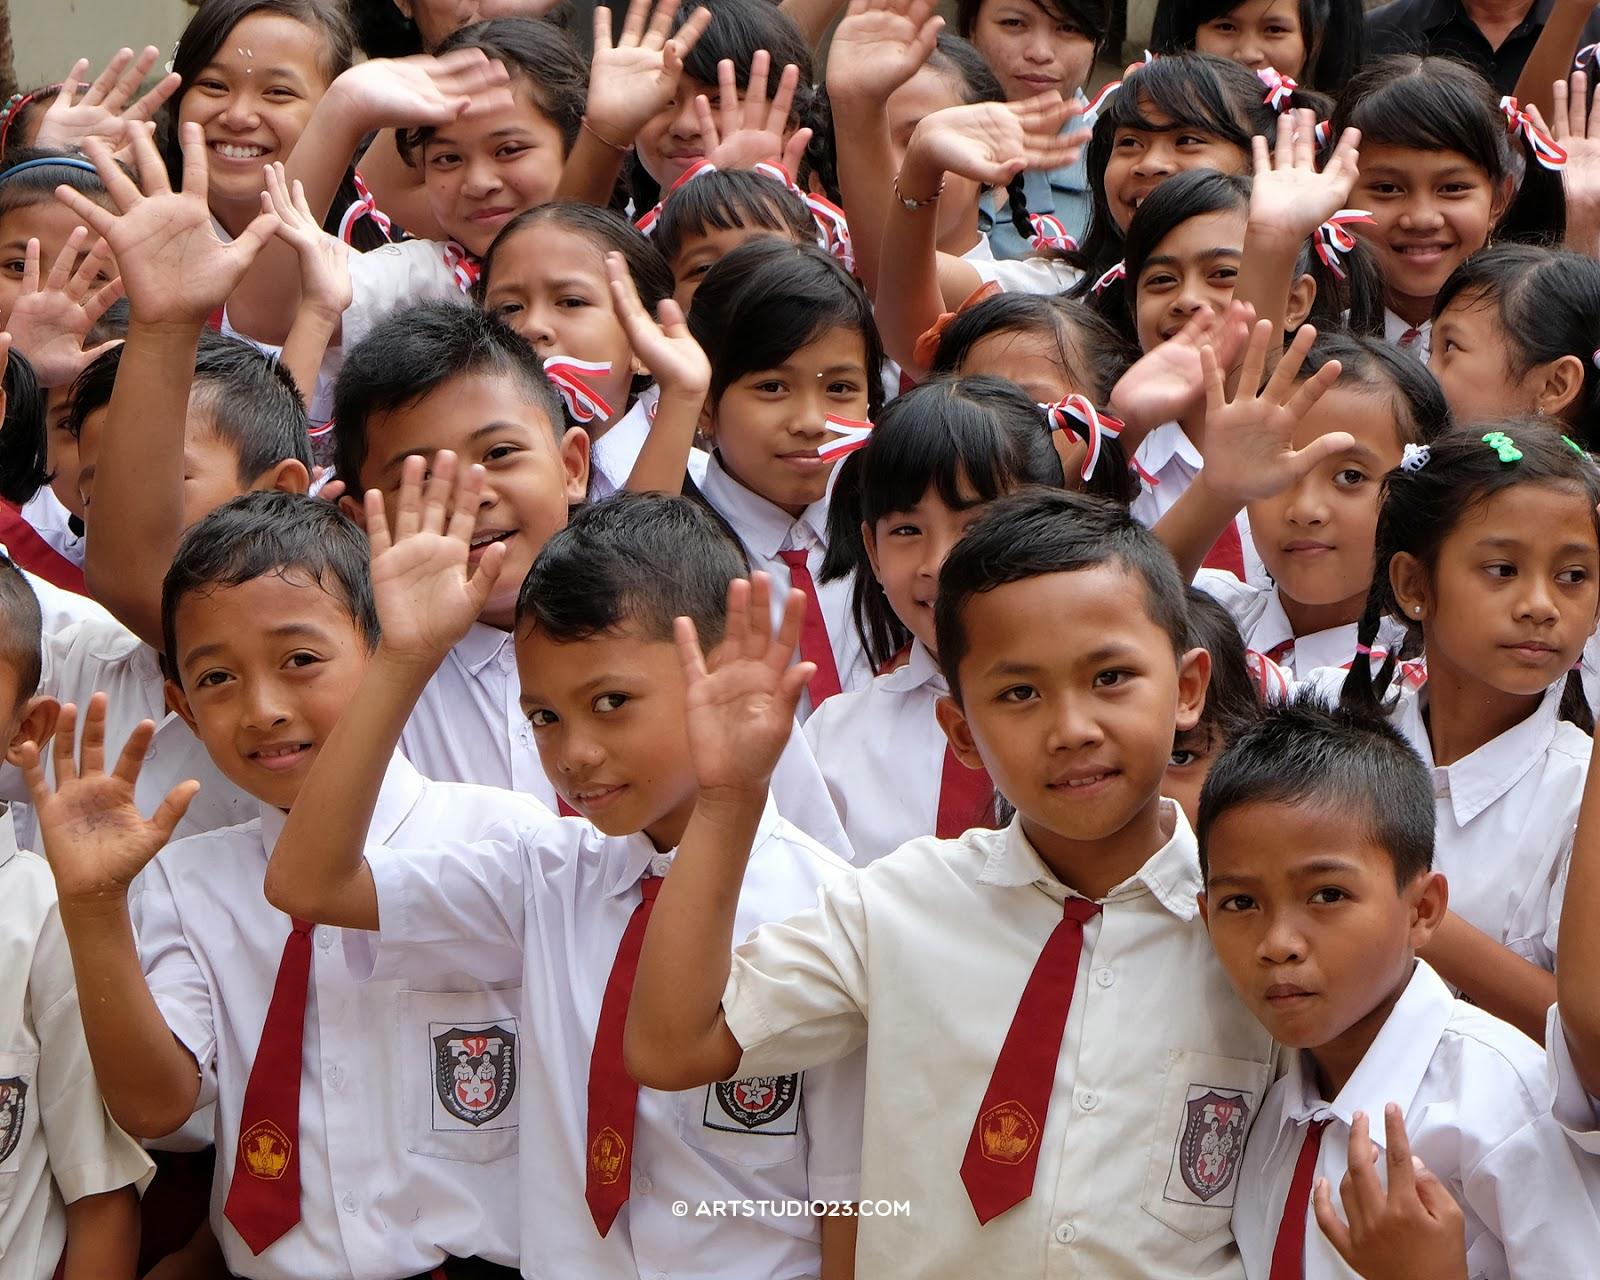 Indonesian children in school uniform